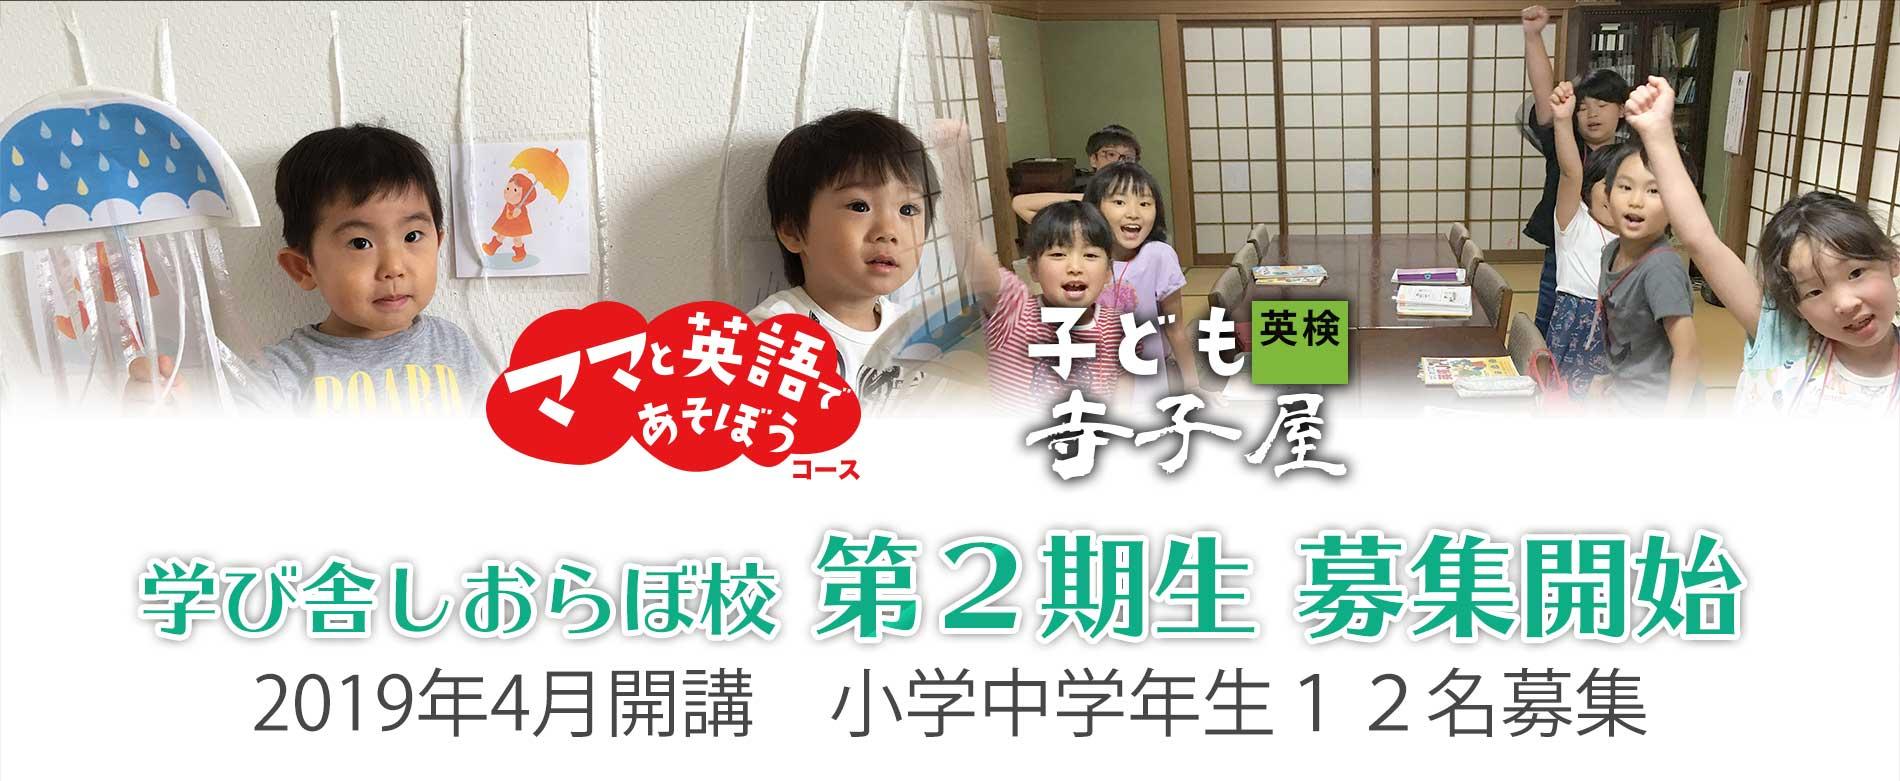 福岡市南区向野小学校区のしおらぼにて、子供英検寺子屋二期生徒募集!